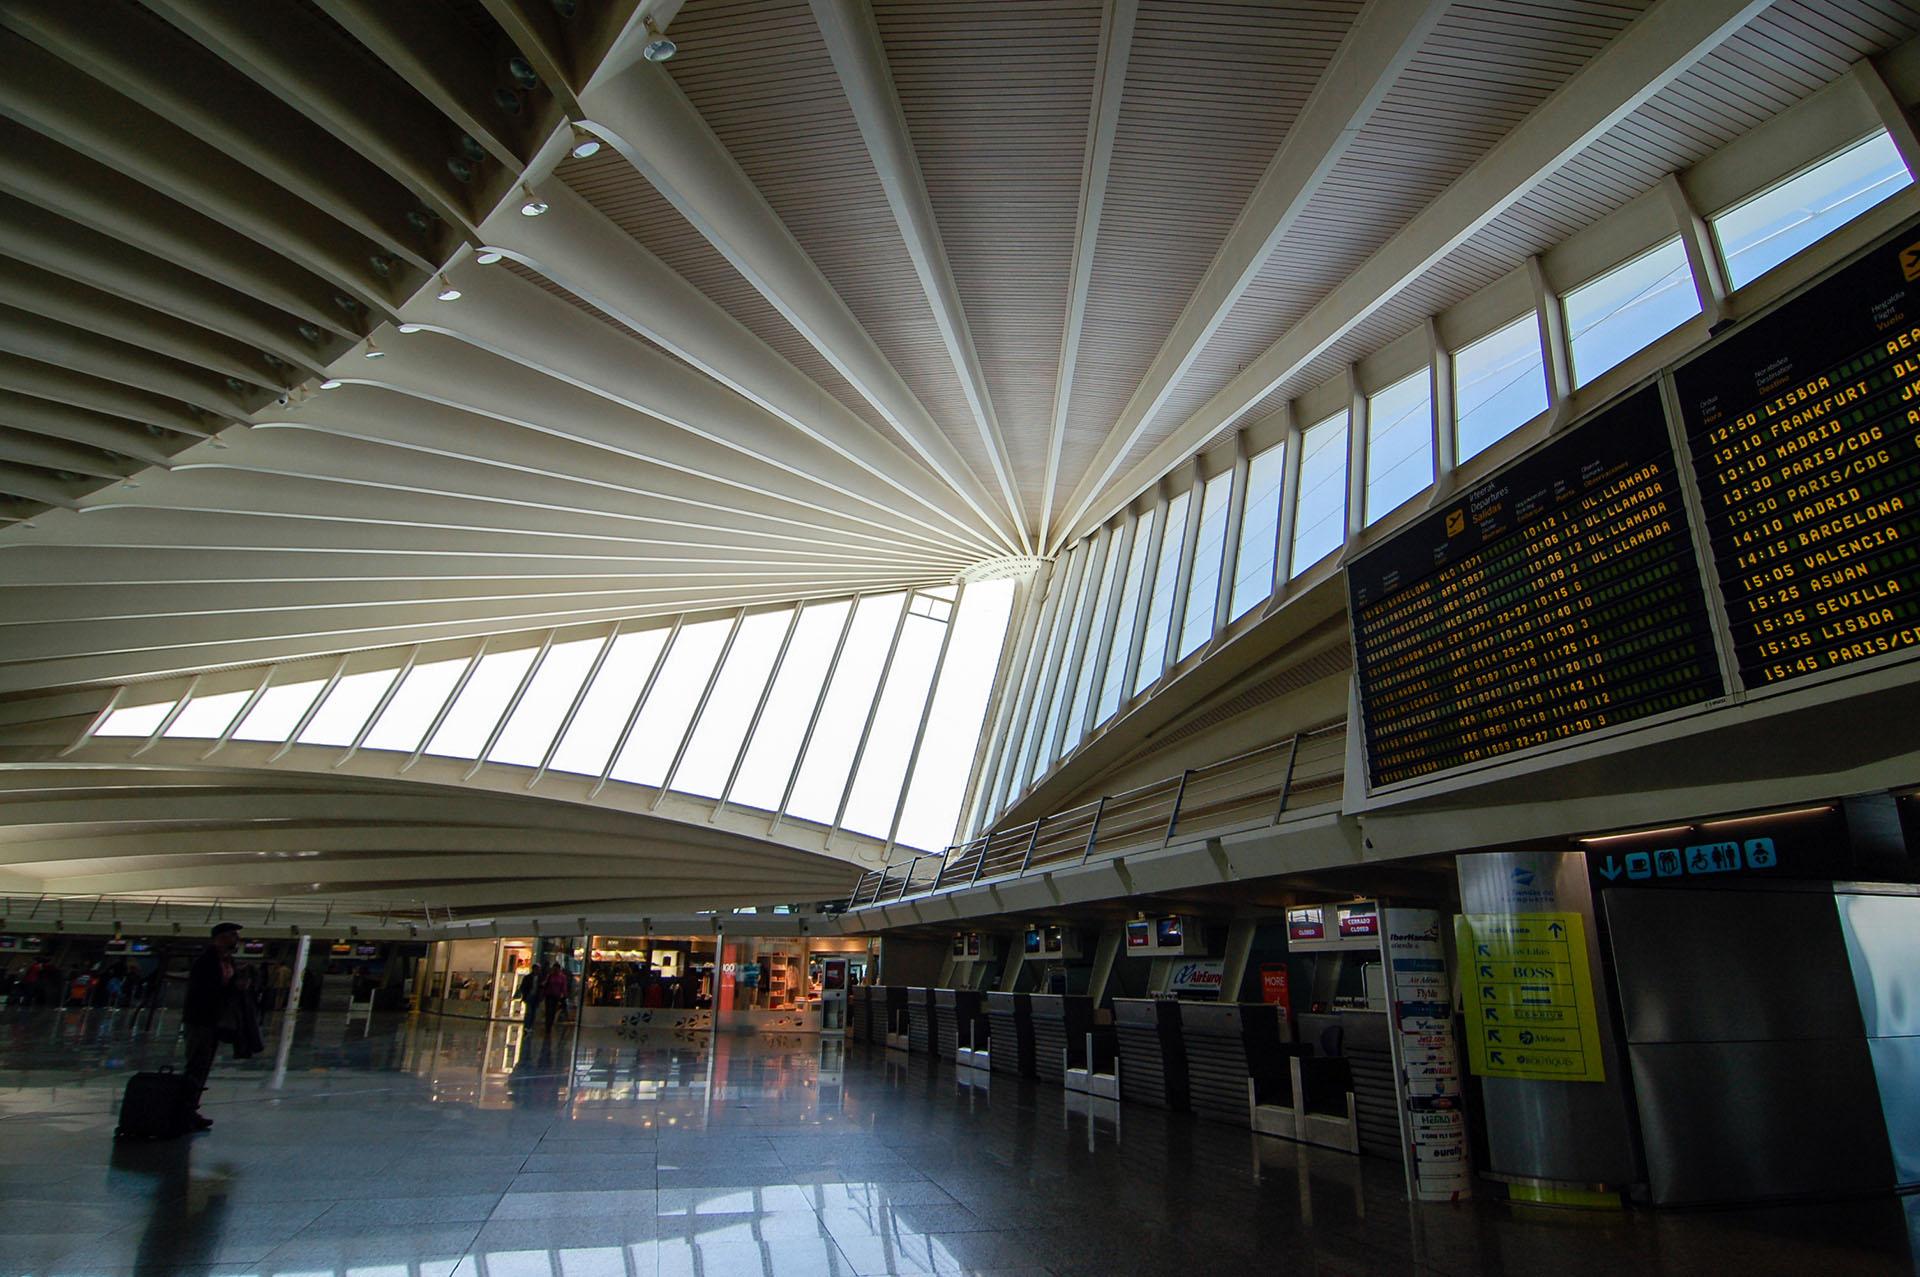 """Apodado """"La Paloma"""", el aeropuerto de Bilbao en España tiene un elegante diseño blanco con dos """"alas"""" simétricas"""